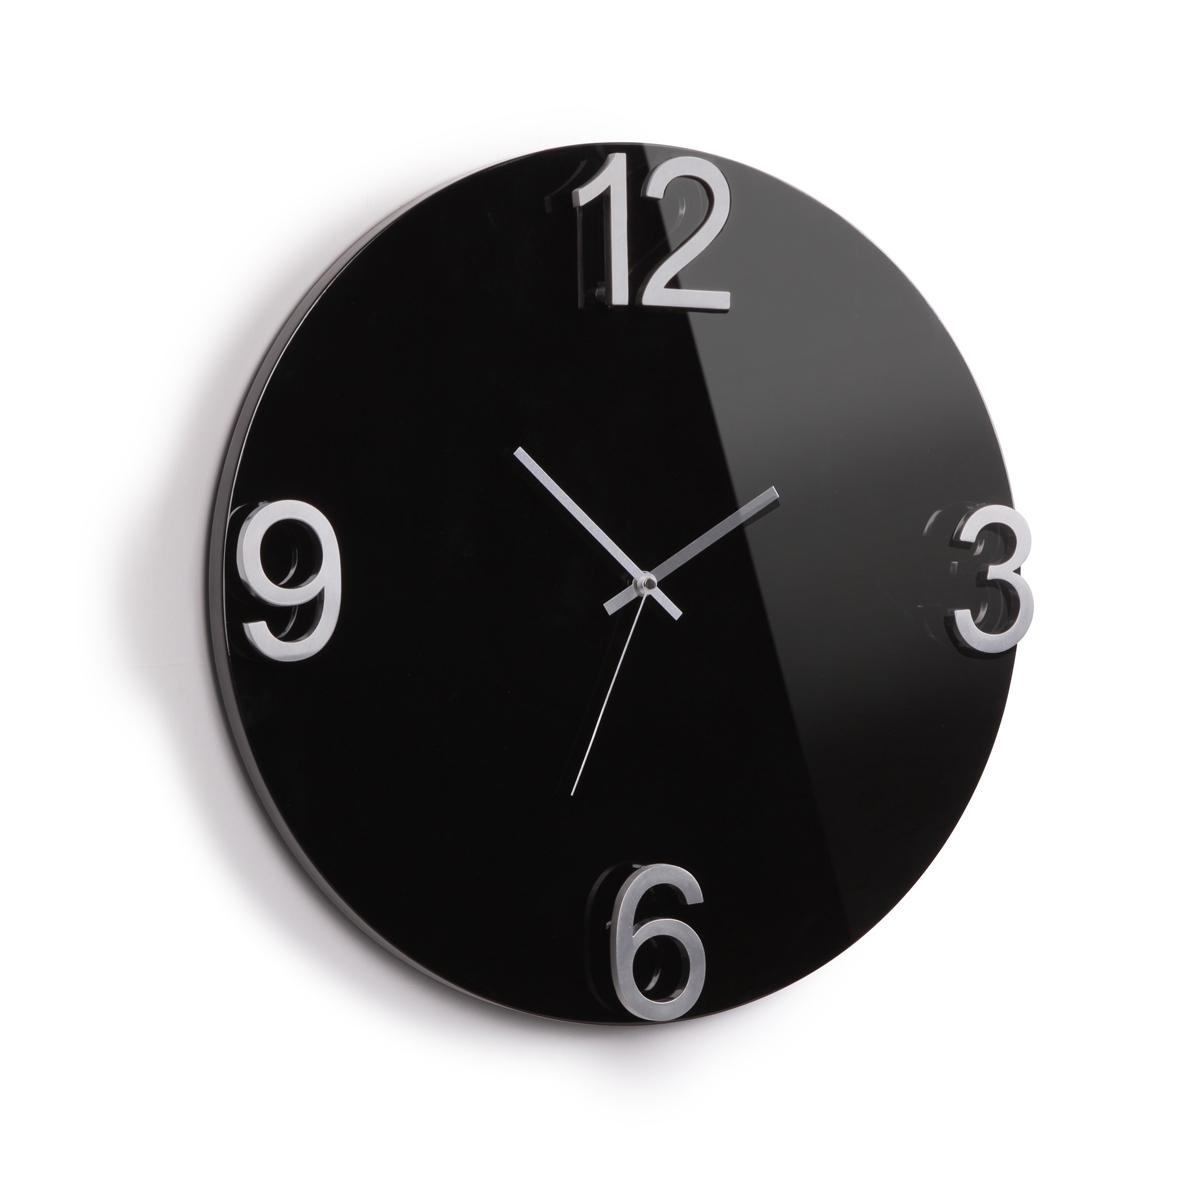 Часы настенные Umbra Elapse, цвет: черный118420-037Оригинальные настенные часы, выполненные в минималистском стиле. Основа из массива дерева с глянцевым покрытием и металлическими цифрами выглядит дорого и изысканно. Механизм работает при помощи 1 батарейки АА (батарейка в комплект не входит).